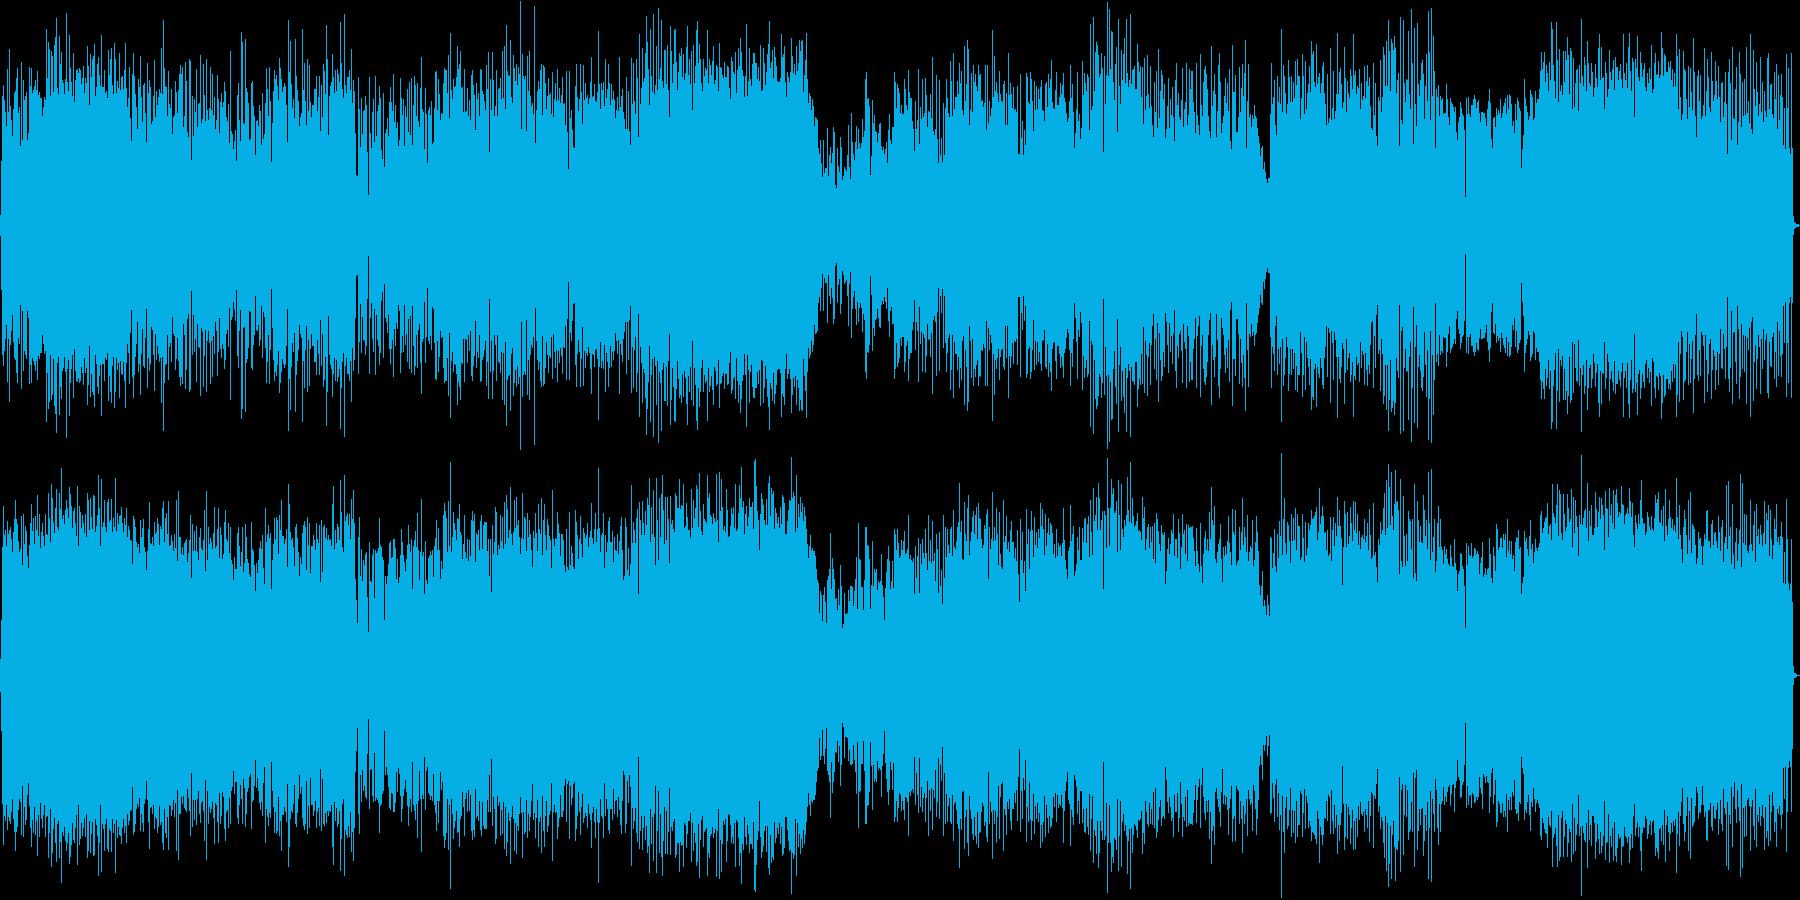 ブラスセクションの効いた疾走感の再生済みの波形